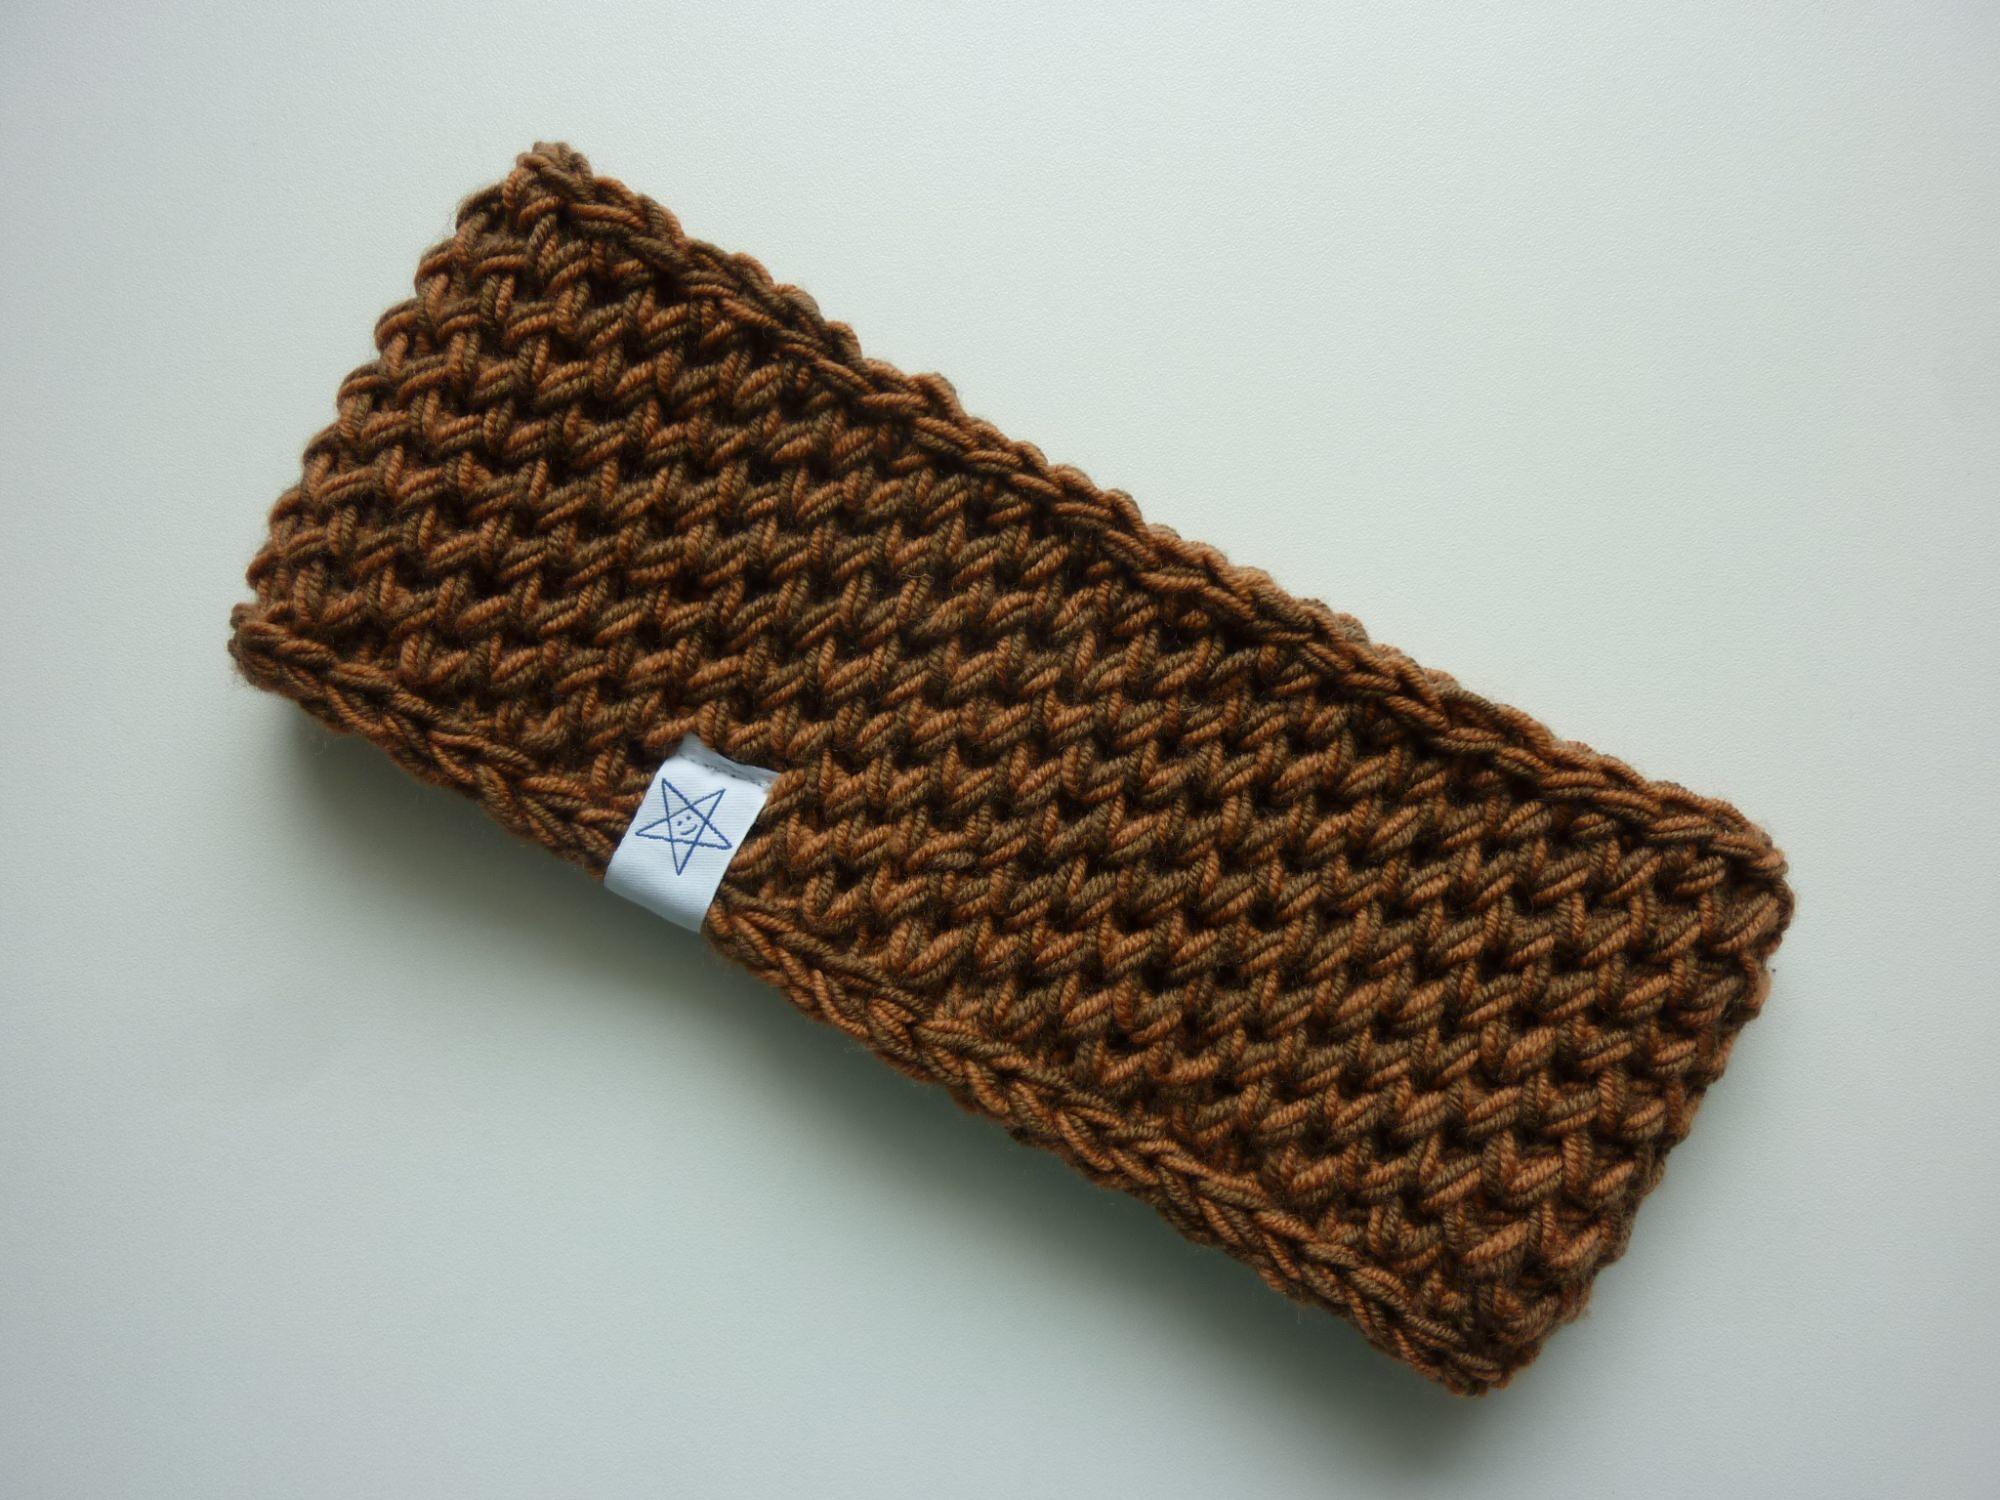 - Stirnband in braun rostbraun aus Schurwolle handgestrickt - Stirnband in braun rostbraun aus Schurwolle handgestrickt